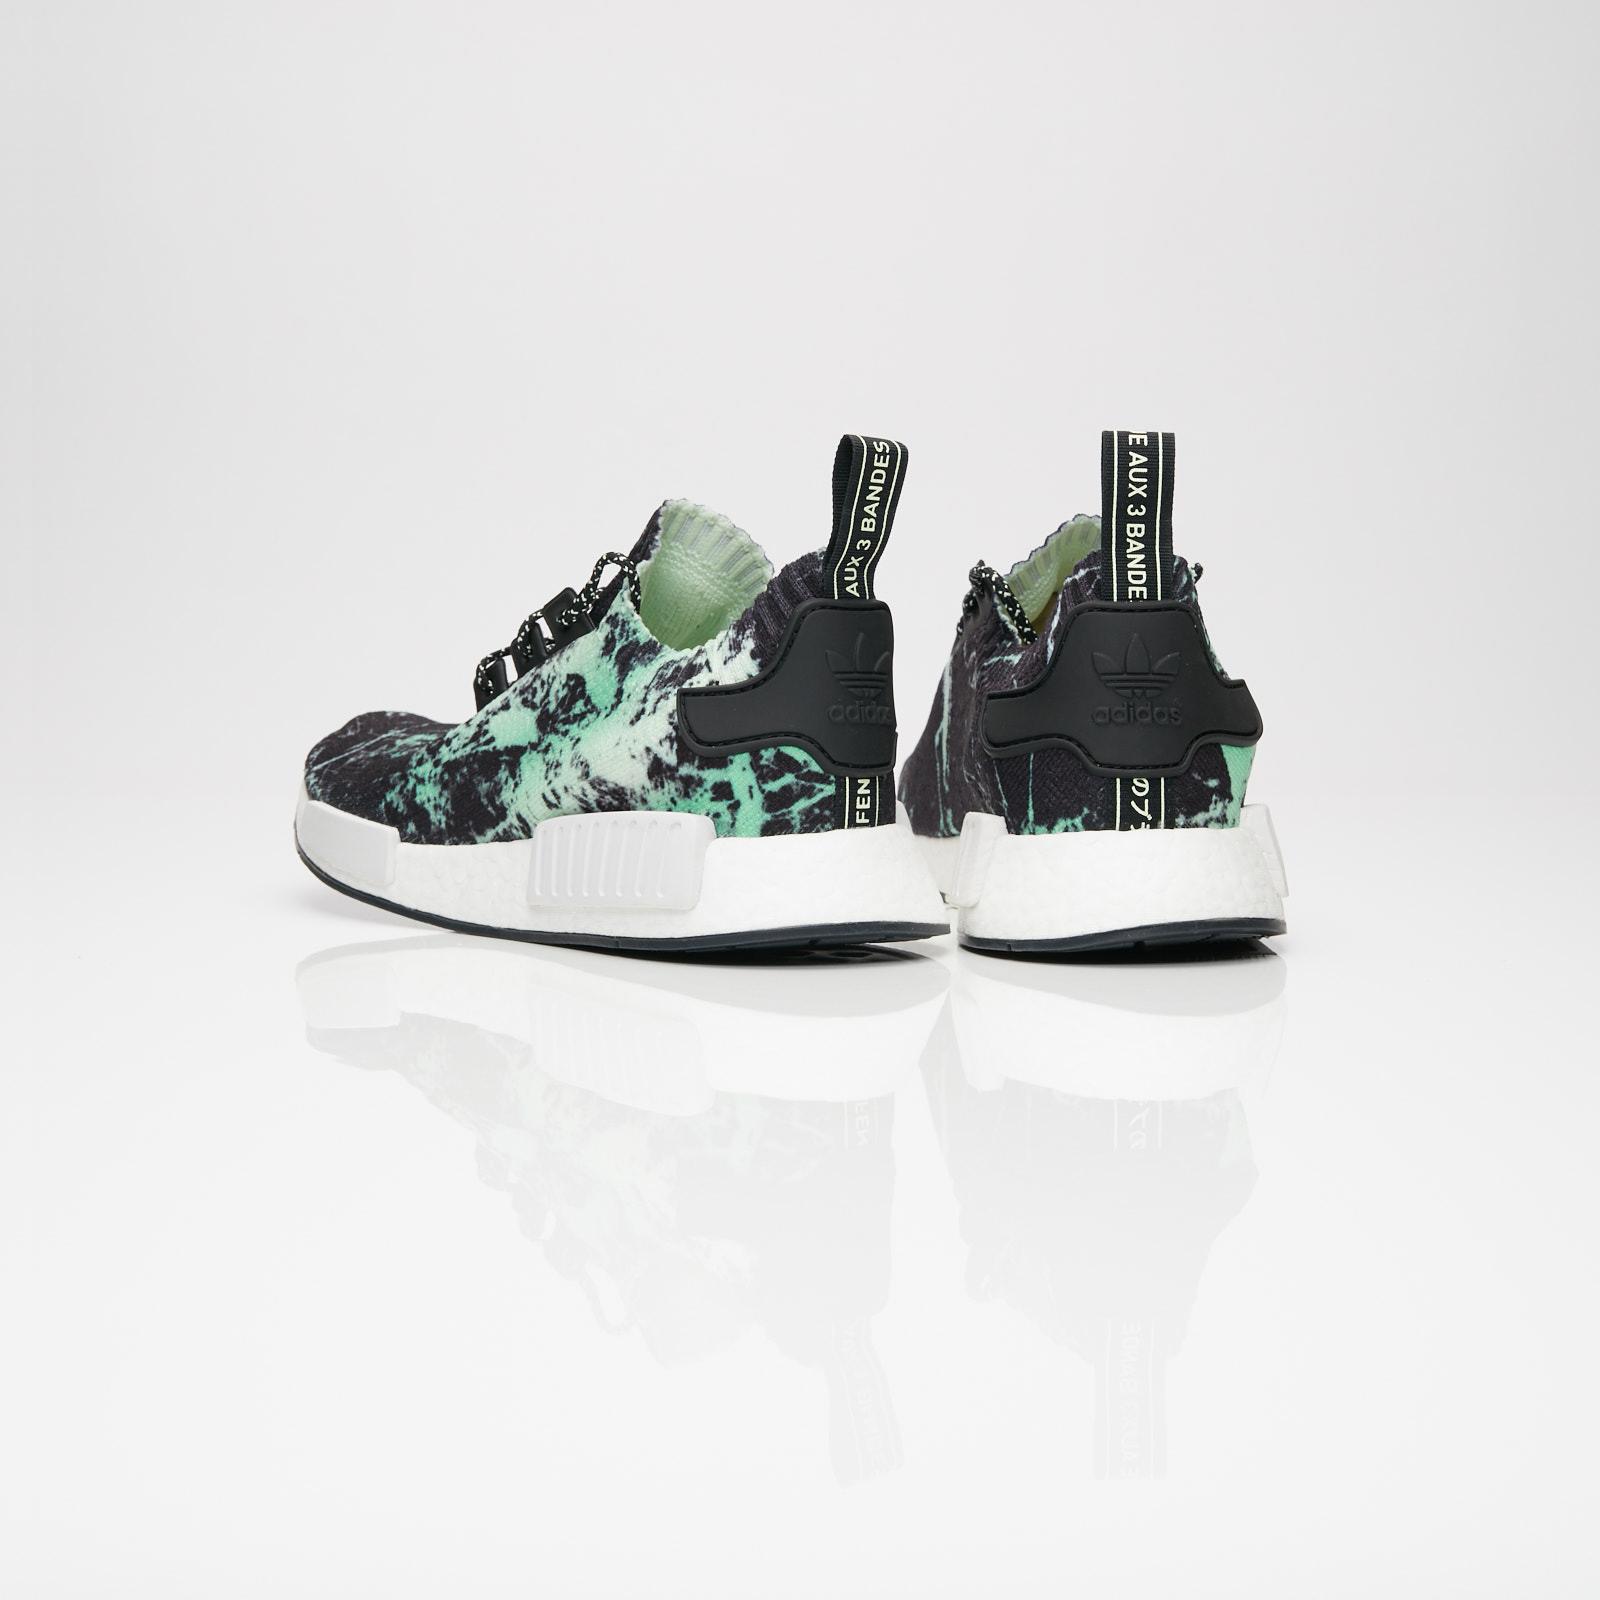 Adidas Nmd R1 Pk Bb7996 Scarpe da Ginnasticanstuff Scarpe & Streetwear